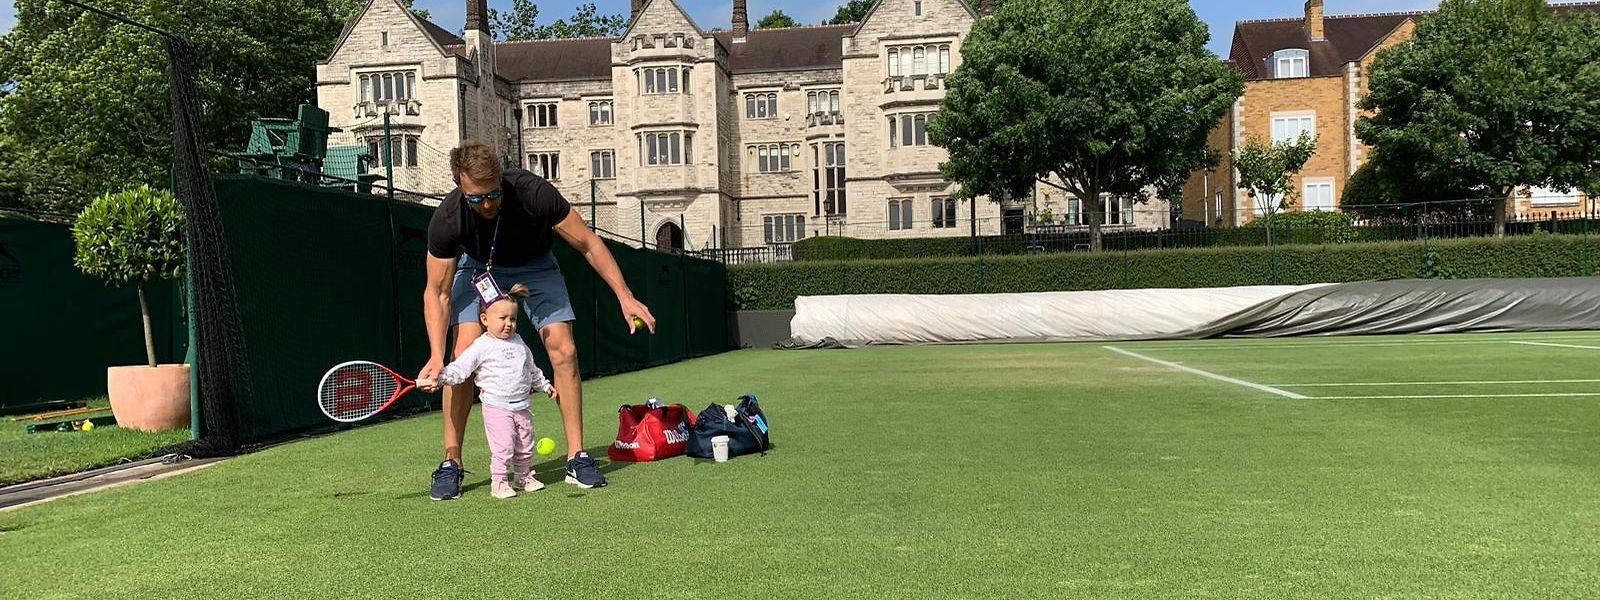 Tochter Emma darf auch schon mal probieren, wie es ist auf dem Wimbledon-Rasen zu spielen. Vater Tim zeigt, wie die Vorhand gespielt wird.